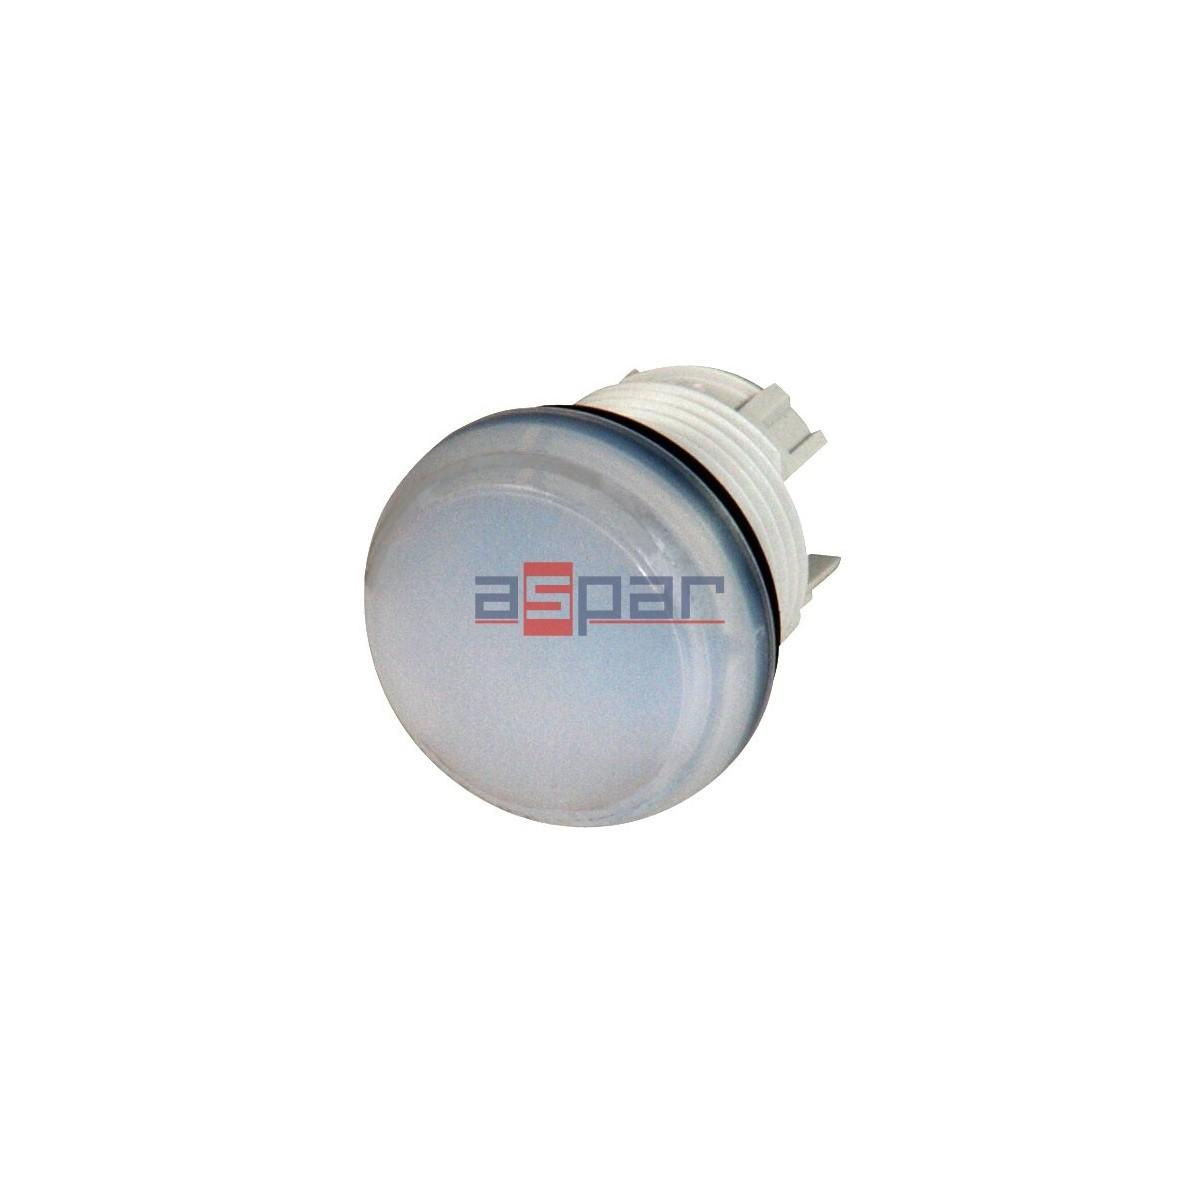 Główka lampki sygnalizacyjnej, płaska, biała, M22-L-W, 216771